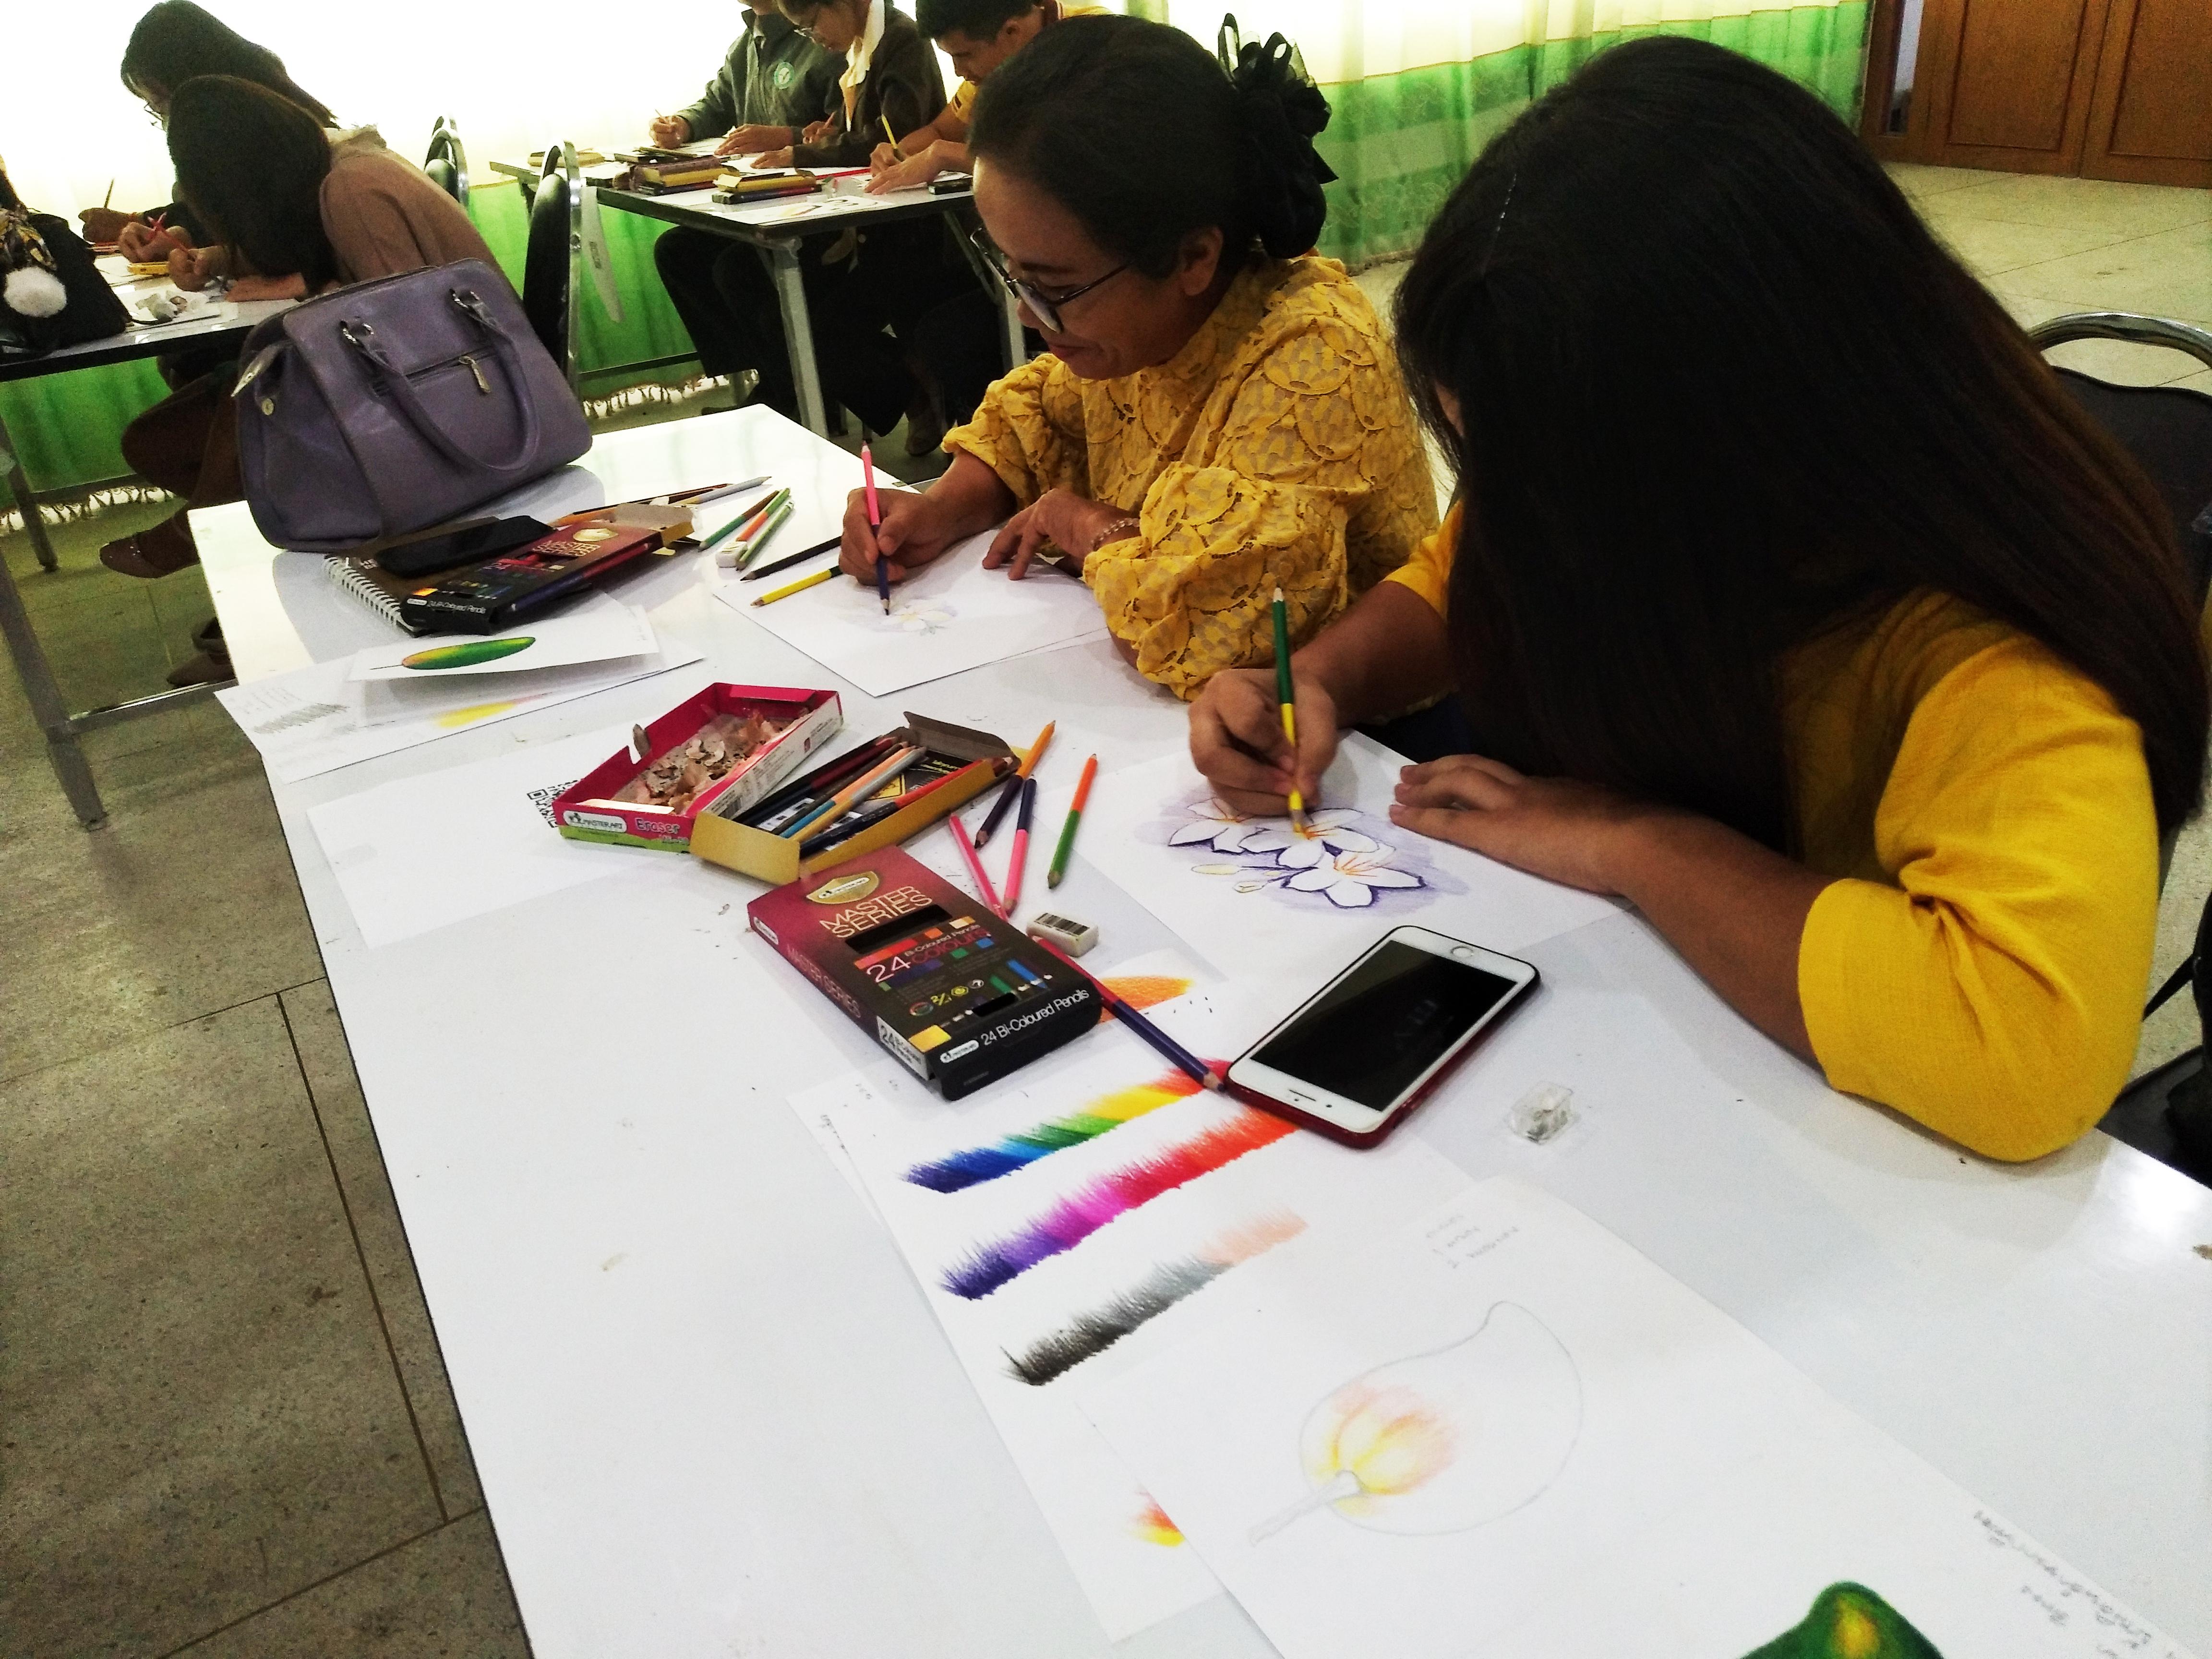 ภาพบรรยากาศคุณครูผู้เข้าร่วมอบรม Art Teacher Seminar